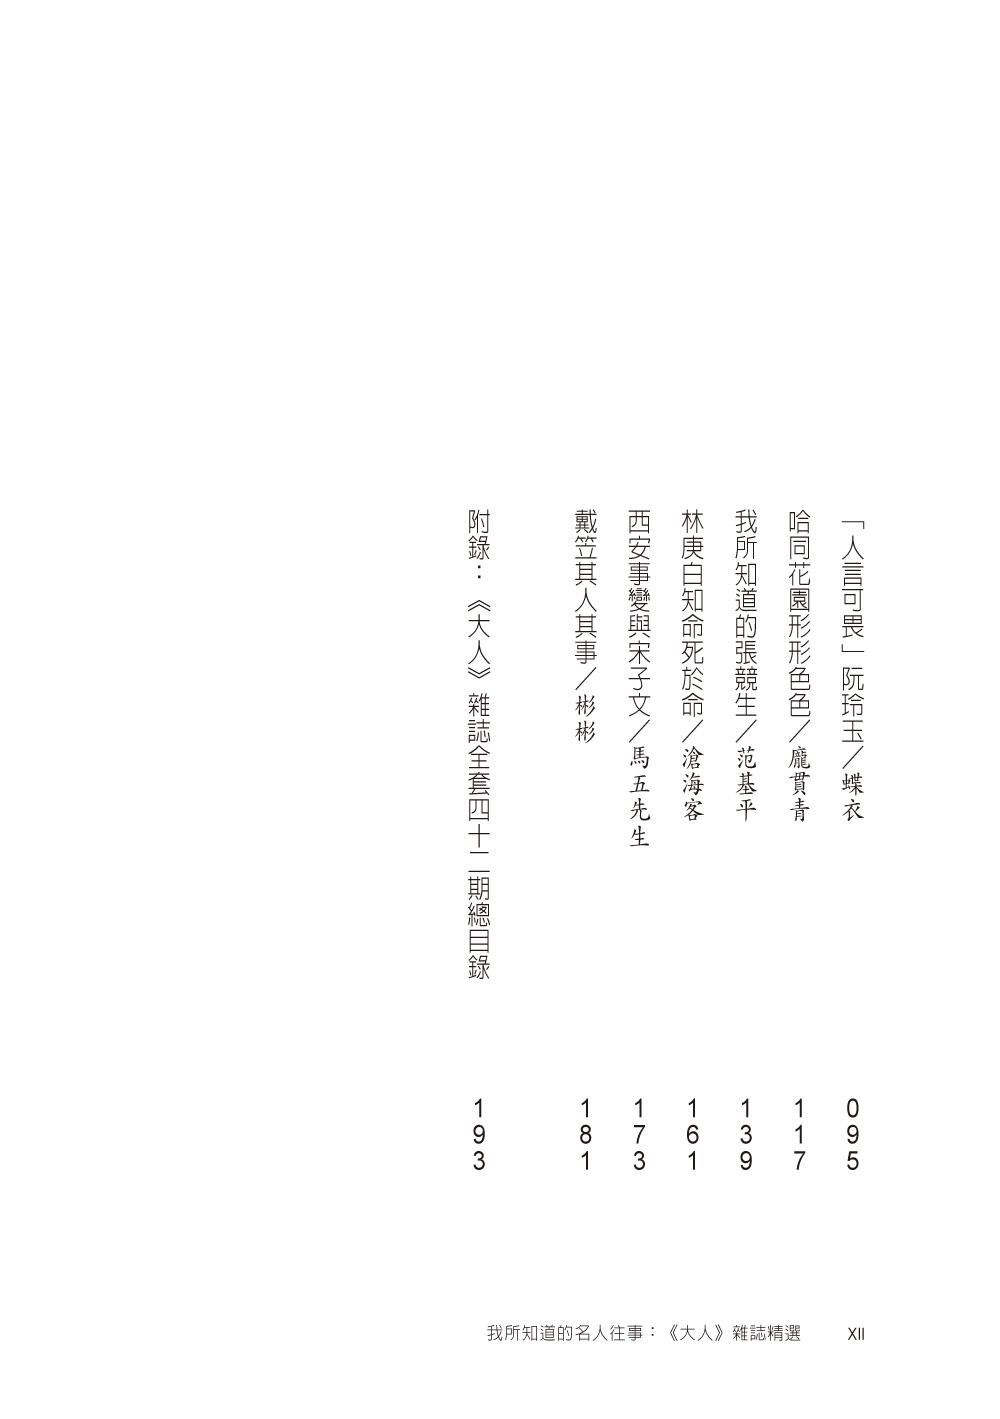 http://im1.book.com.tw/image/getImage?i=http://www.books.com.tw/img/001/076/39/0010763959_bi_02.jpg&v=59a7f362&w=655&h=609